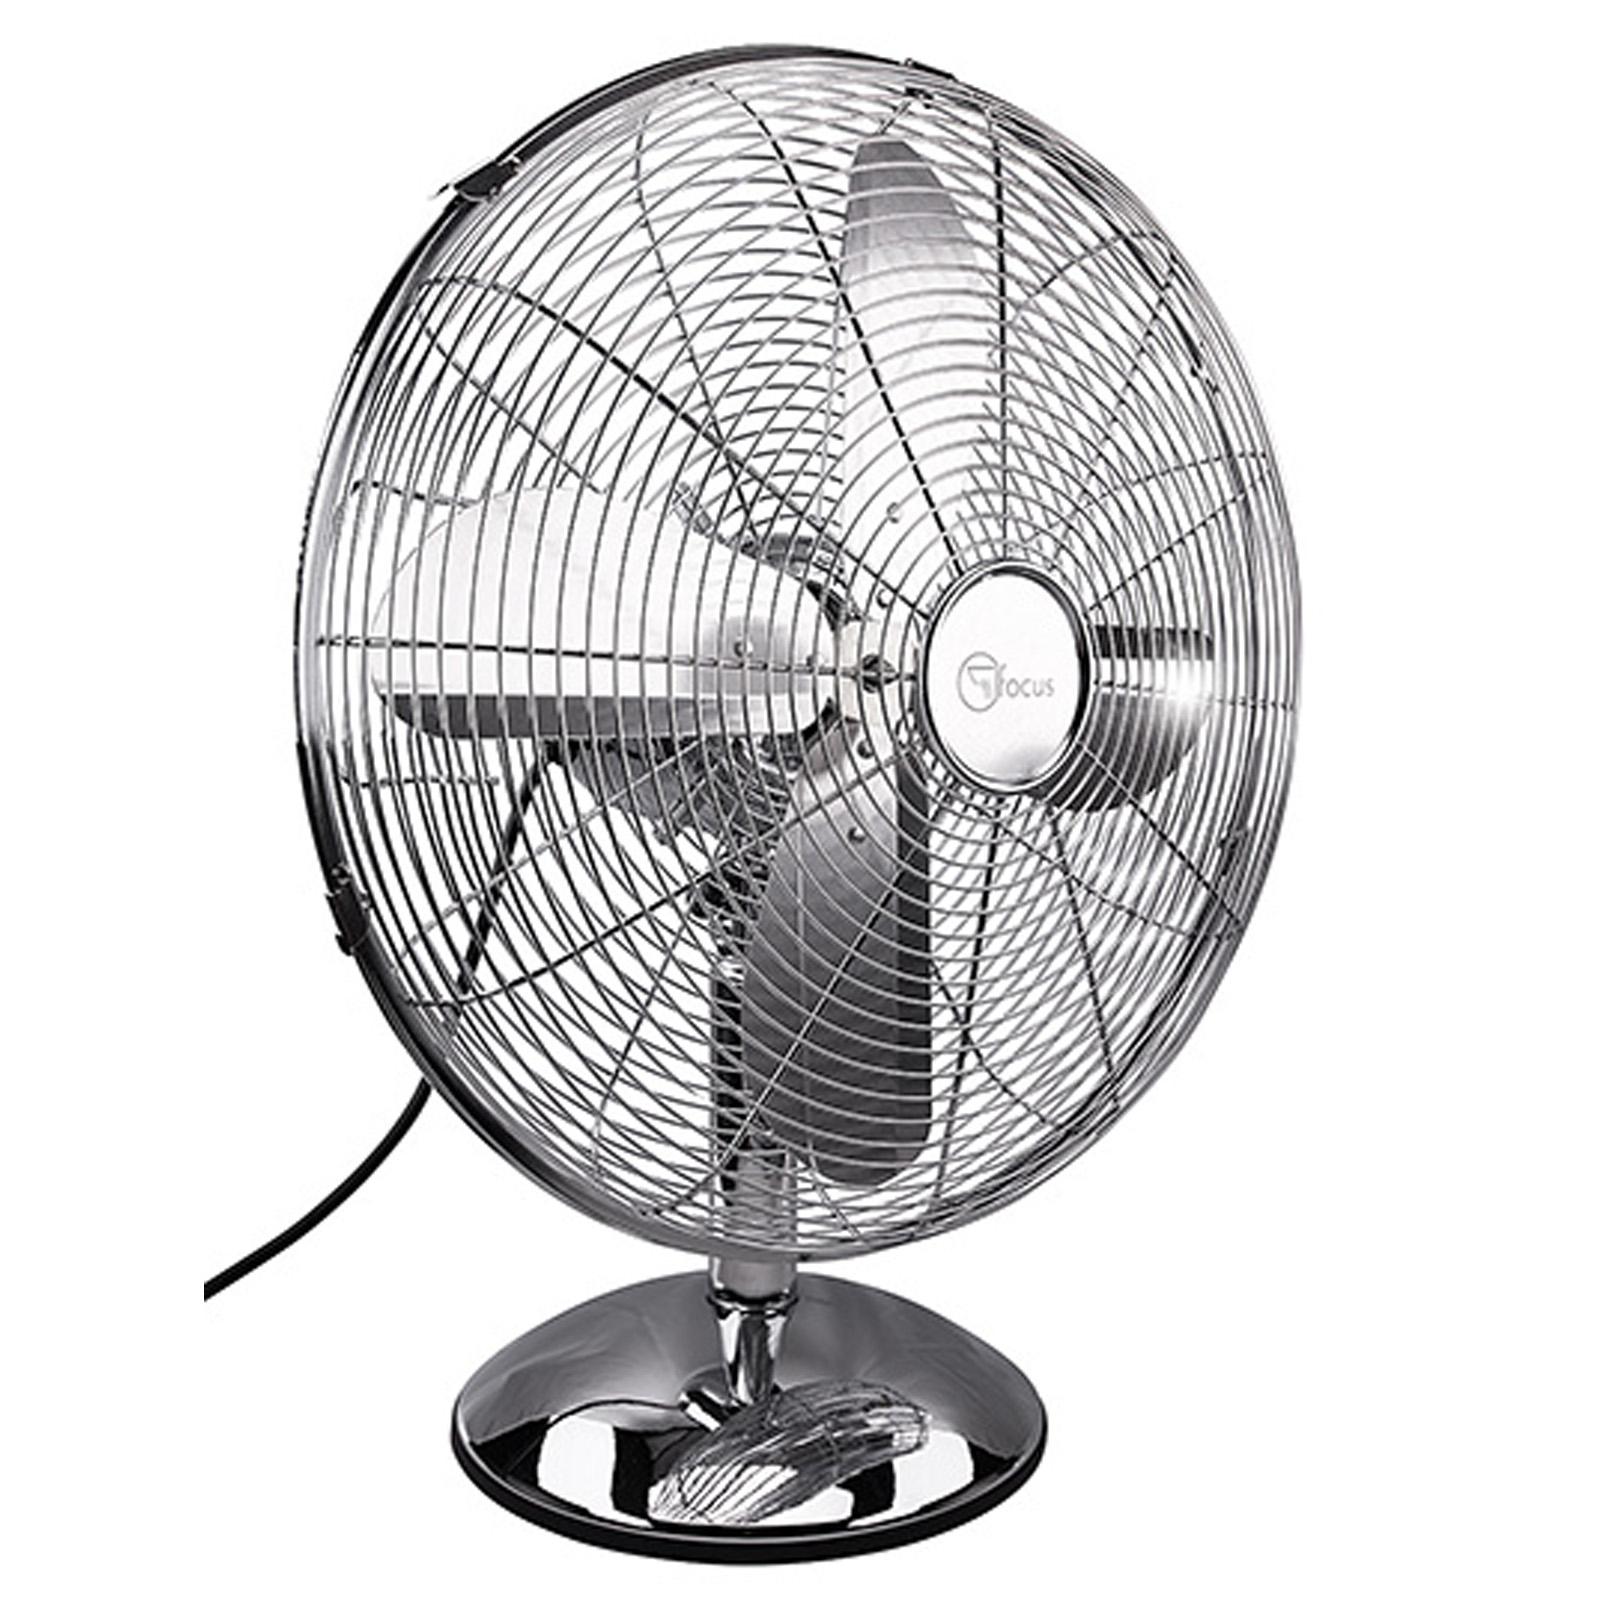 standventilator windmaschine l fter ventilator luft k hler gebl se klima neu ebay. Black Bedroom Furniture Sets. Home Design Ideas